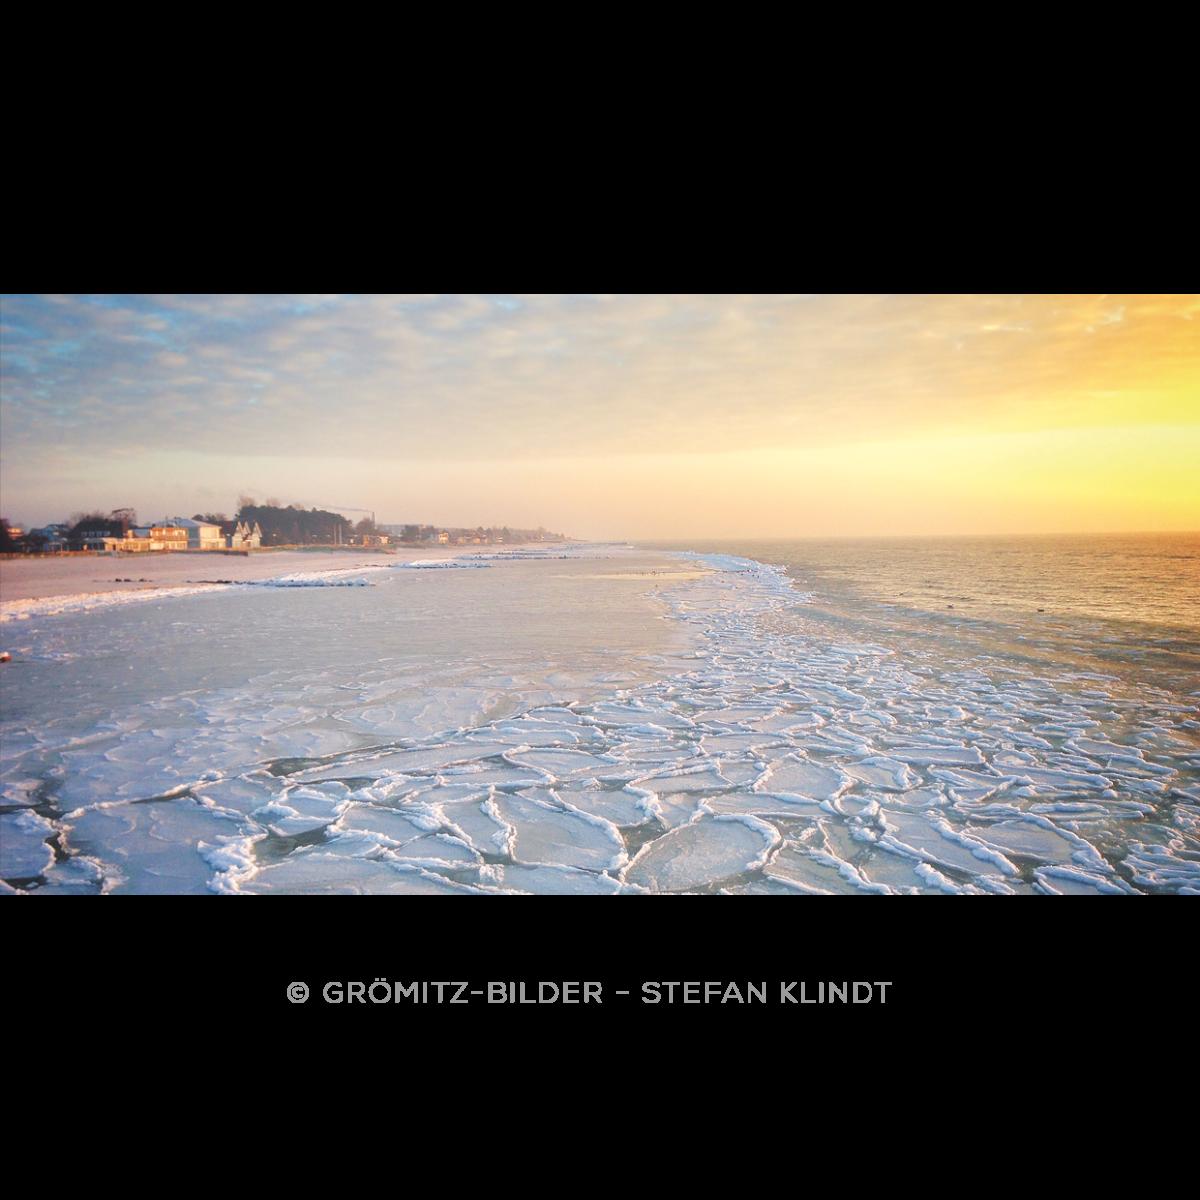 122 Grömitz Bilder - Zufrierende Ostsee bei Sonnenaufgang